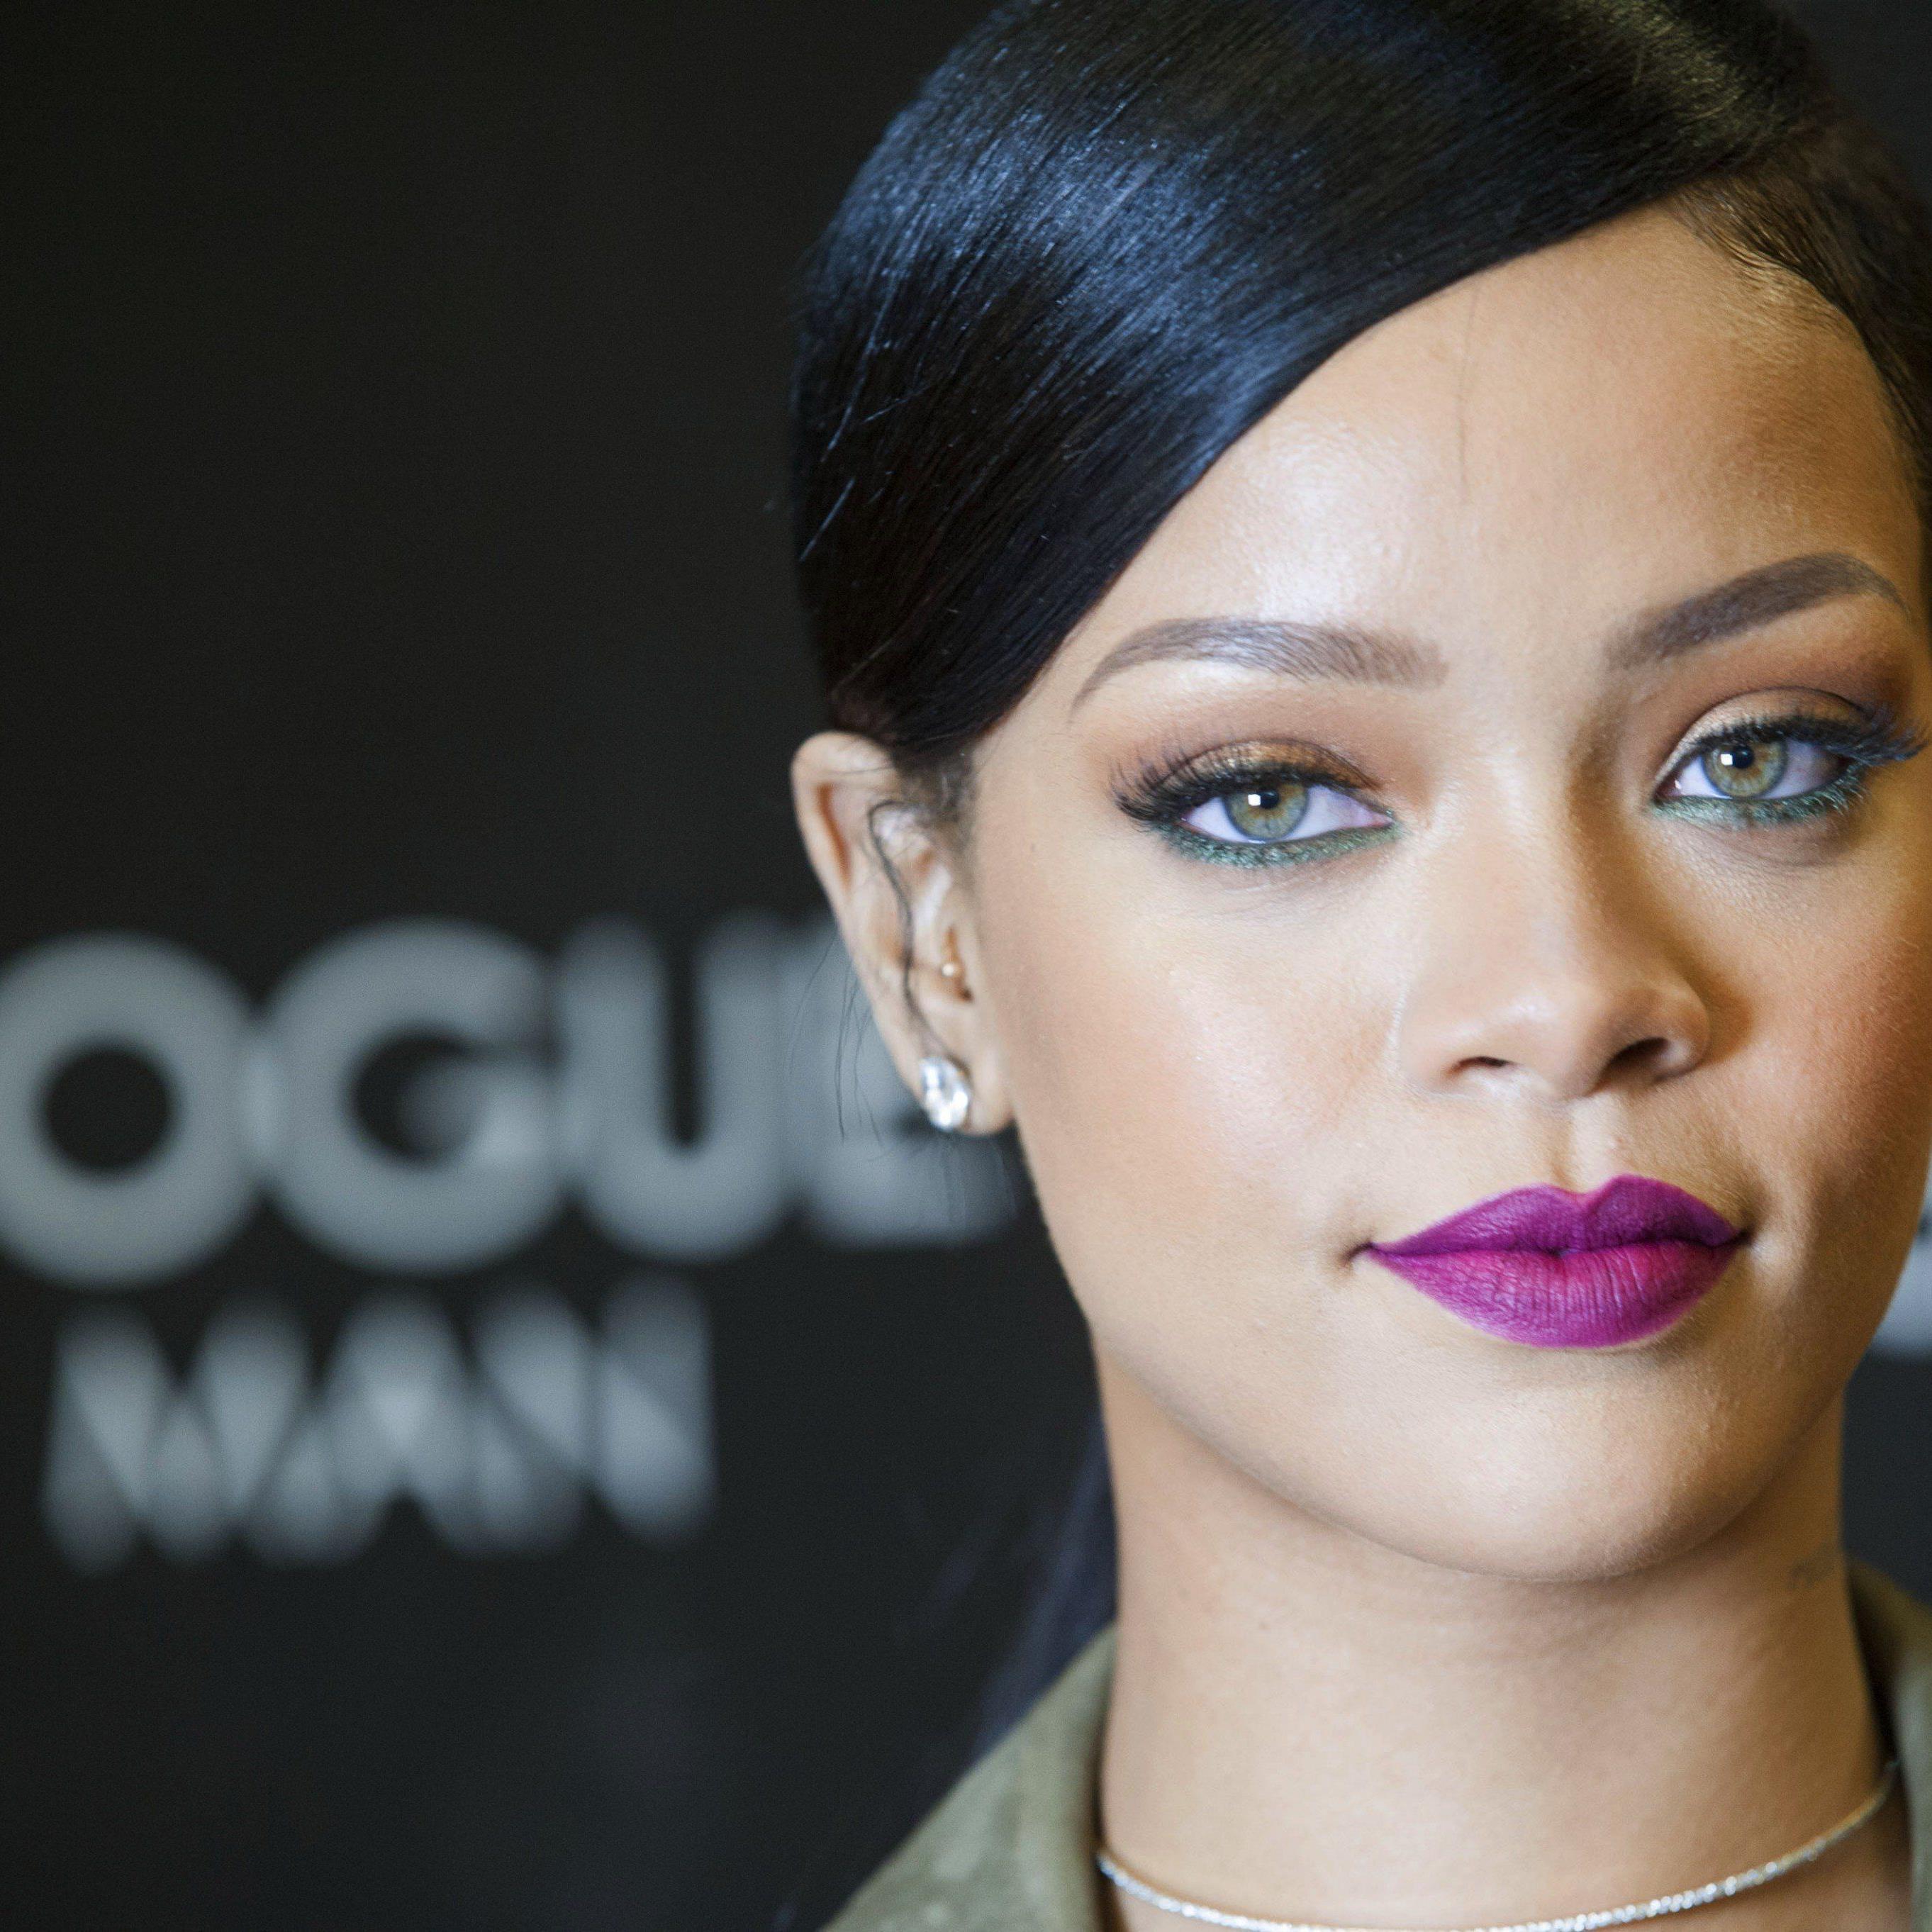 Rihanna ist die Königin der Selfies und gibt ihr Wissen nun scheinbar weiter.